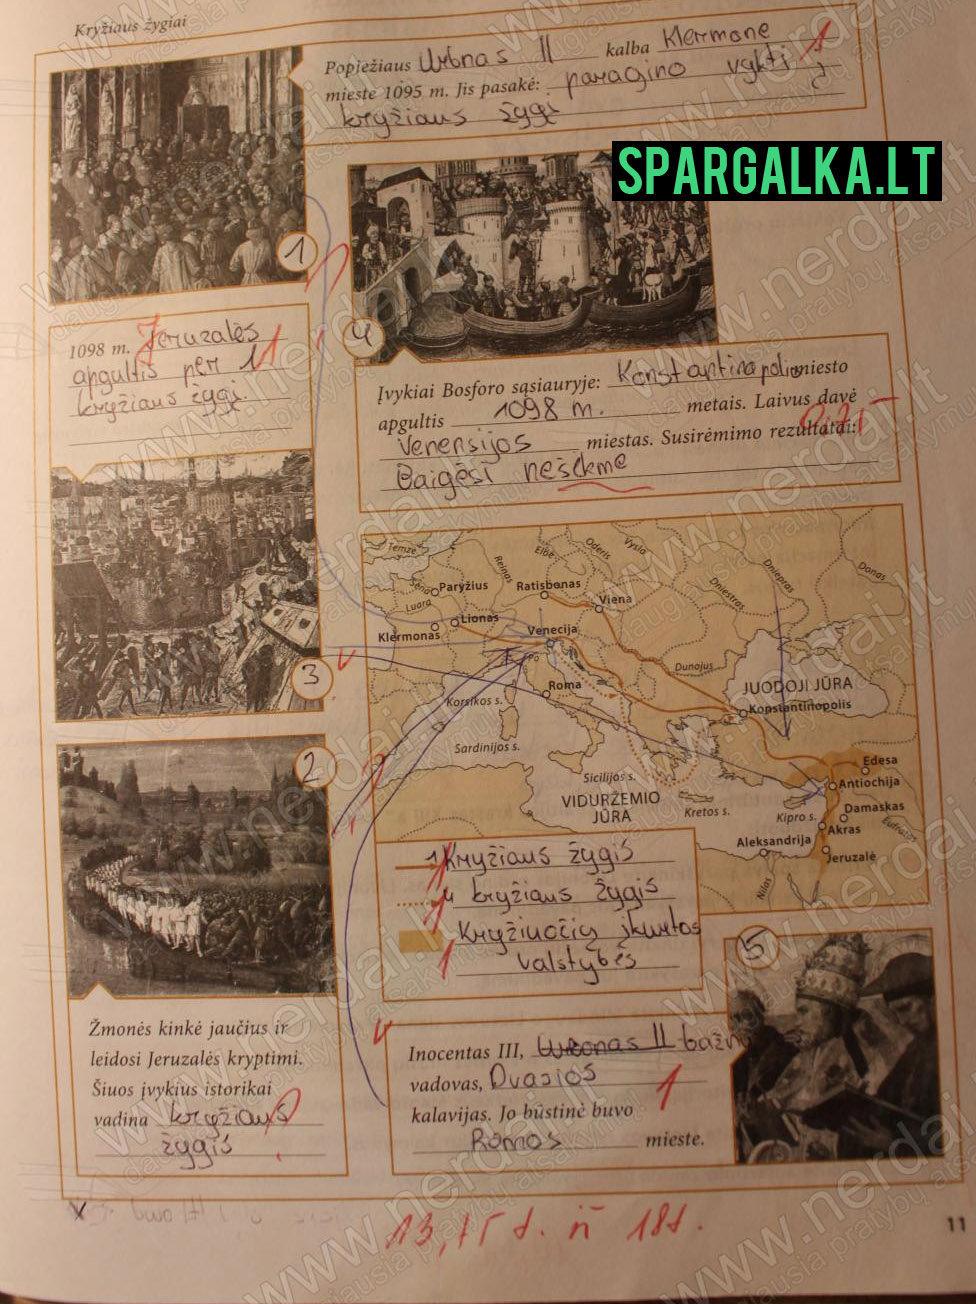 Istorija, pratybos ŠOK - 1 dalis